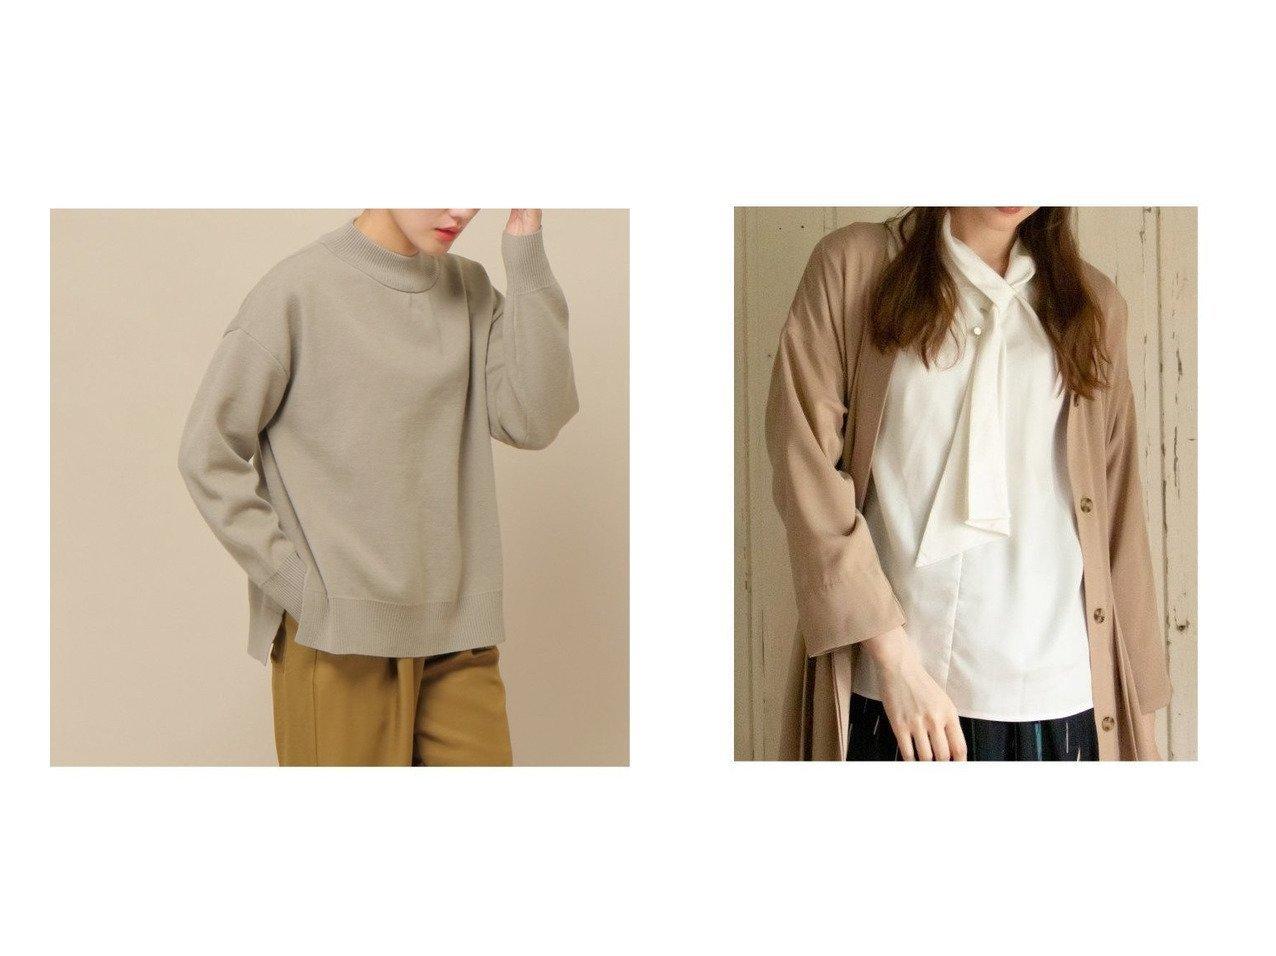 【ikka LOUNGE/イッカラウンジ】のスタンドボウタイブラウス&【ikka/イッカ】のスウェットニット ikkaのおすすめ!人気、トレンド・レディースファッションの通販 おすすめで人気の流行・トレンド、ファッションの通販商品 メンズファッション・キッズファッション・インテリア・家具・レディースファッション・服の通販 founy(ファニー) https://founy.com/ ファッション Fashion レディースファッション WOMEN トップス Tops Tshirt ニット Knit Tops パーカ Sweats スウェット Sweat シャツ/ブラウス Shirts Blouses NEW・新作・新着・新入荷 New Arrivals ジャージ スウェット 長袖 A/W 秋冬 AW Autumn/Winter / FW Fall-Winter インナー ジャケット スタンド デニム 定番 Standard |ID:crp329100000018936